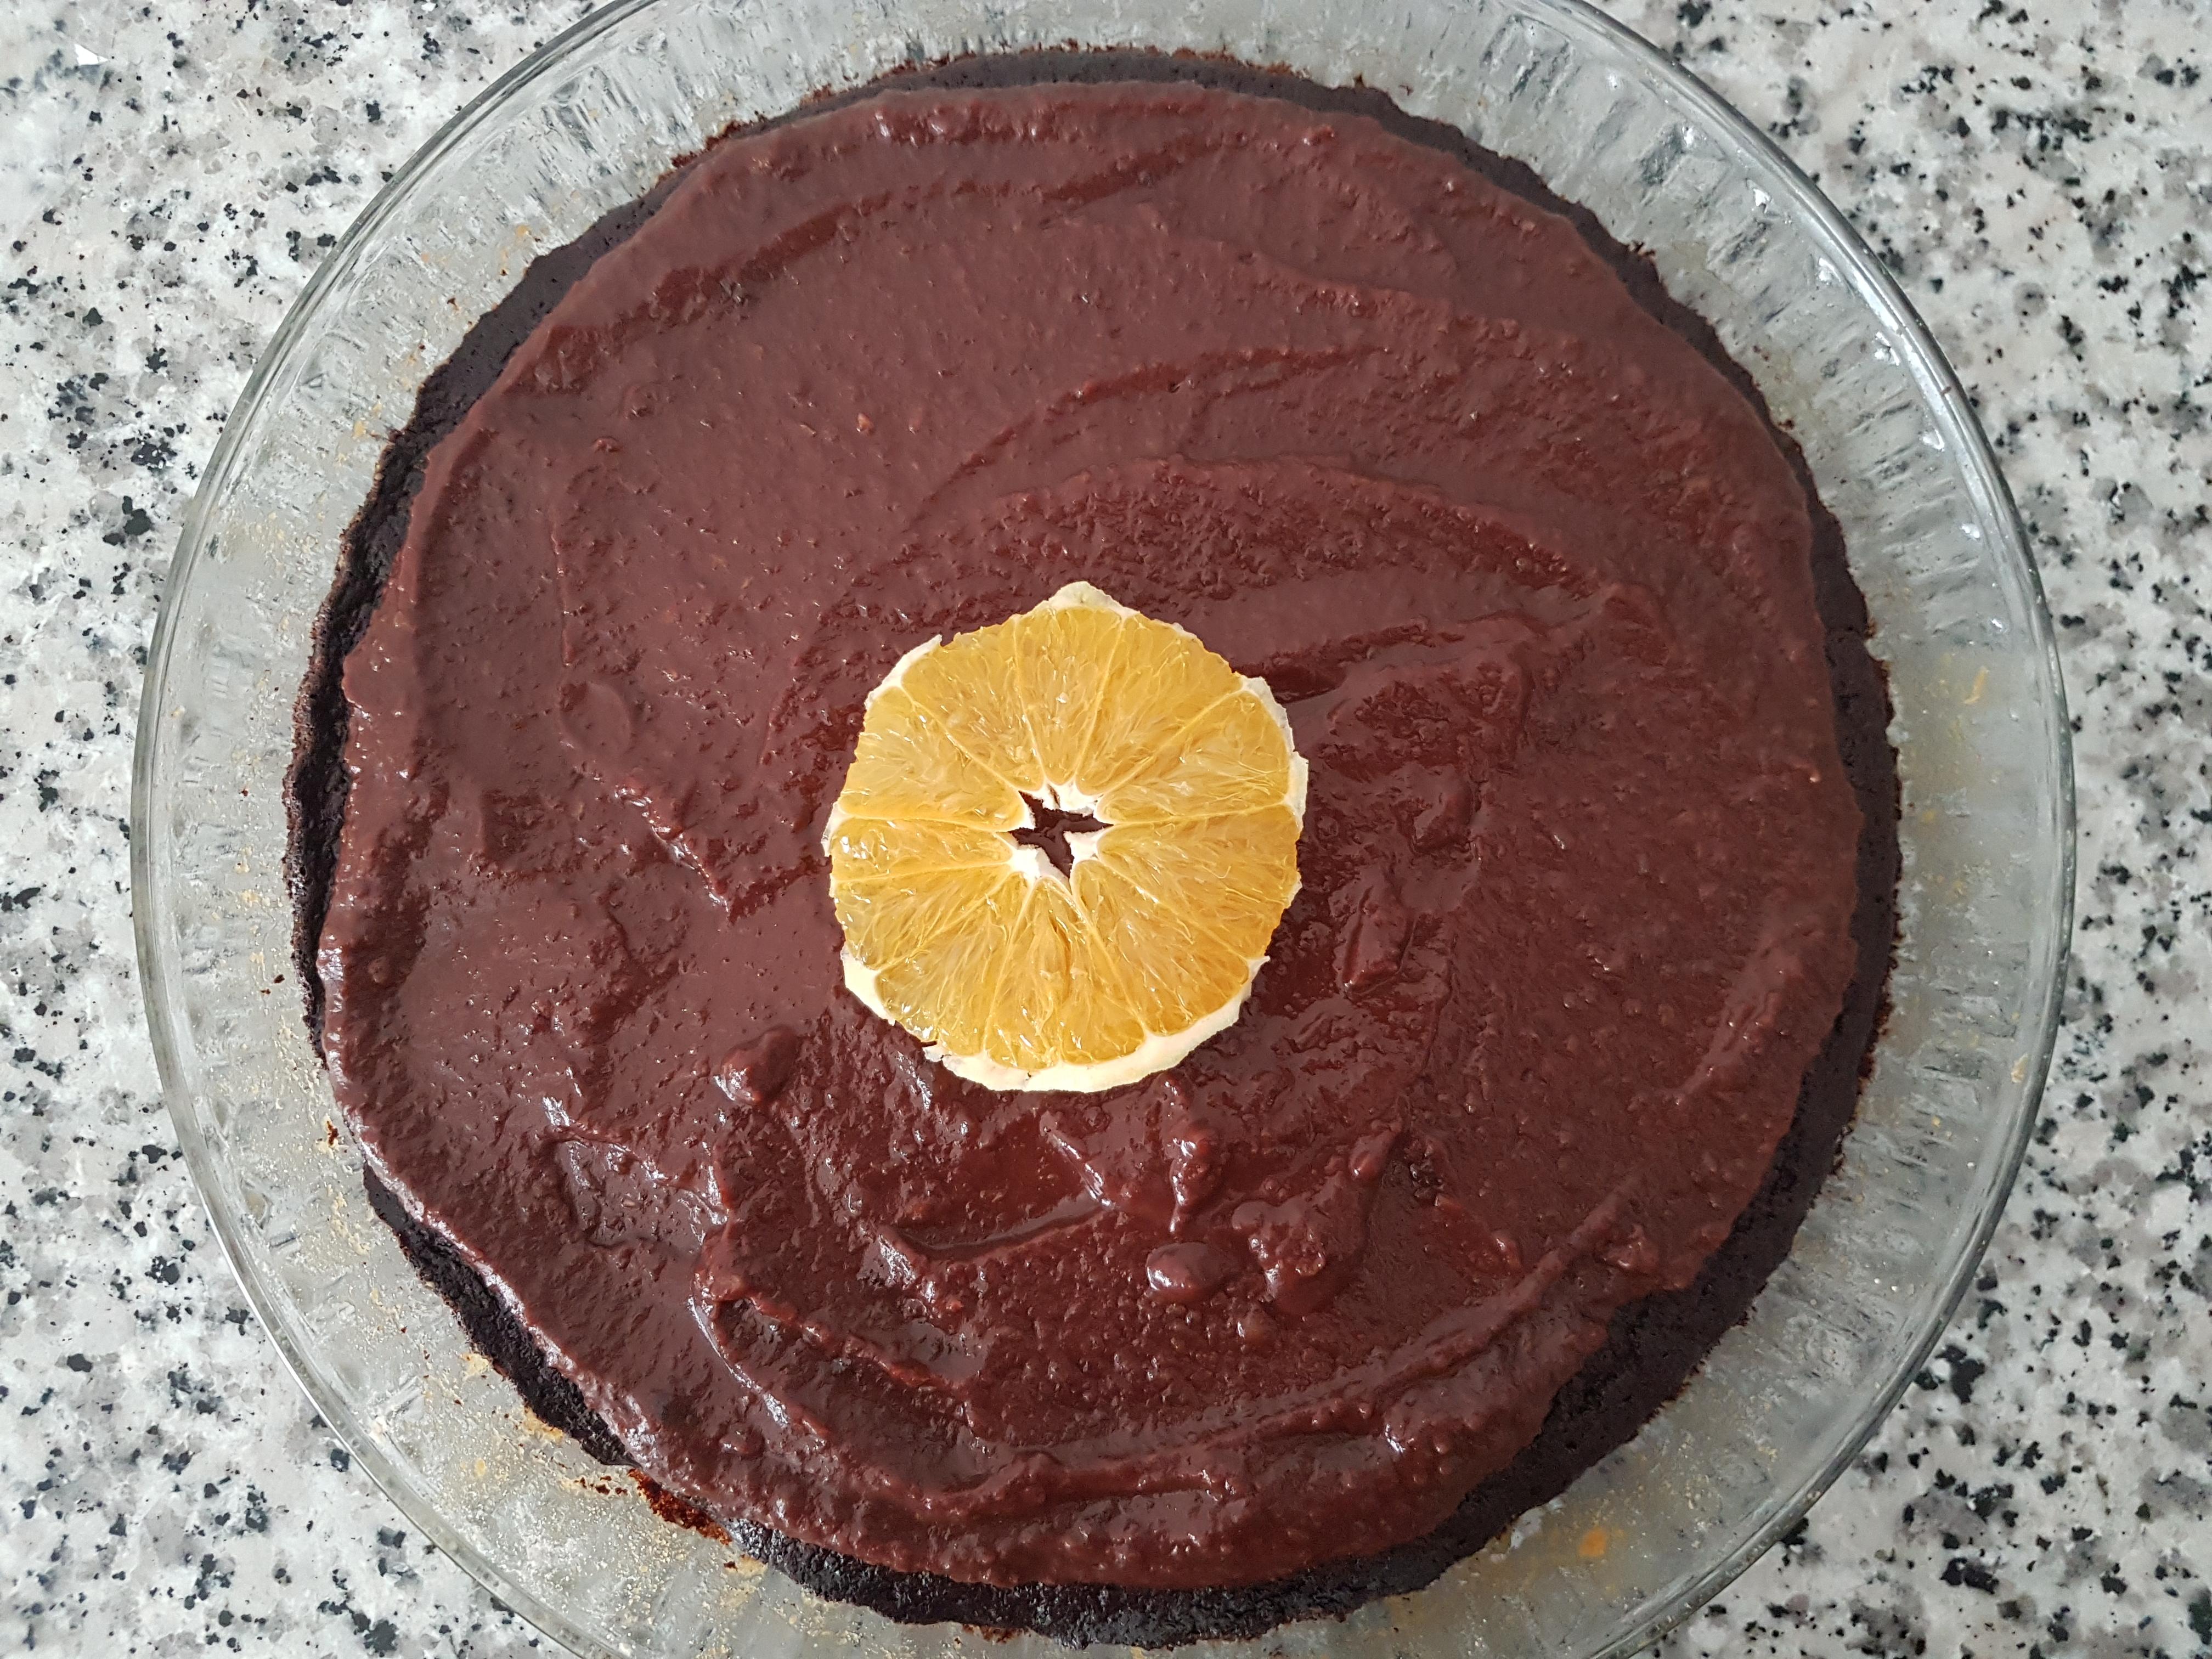 tarta de chocolate y naranja_poquito a poquito_cancer_6